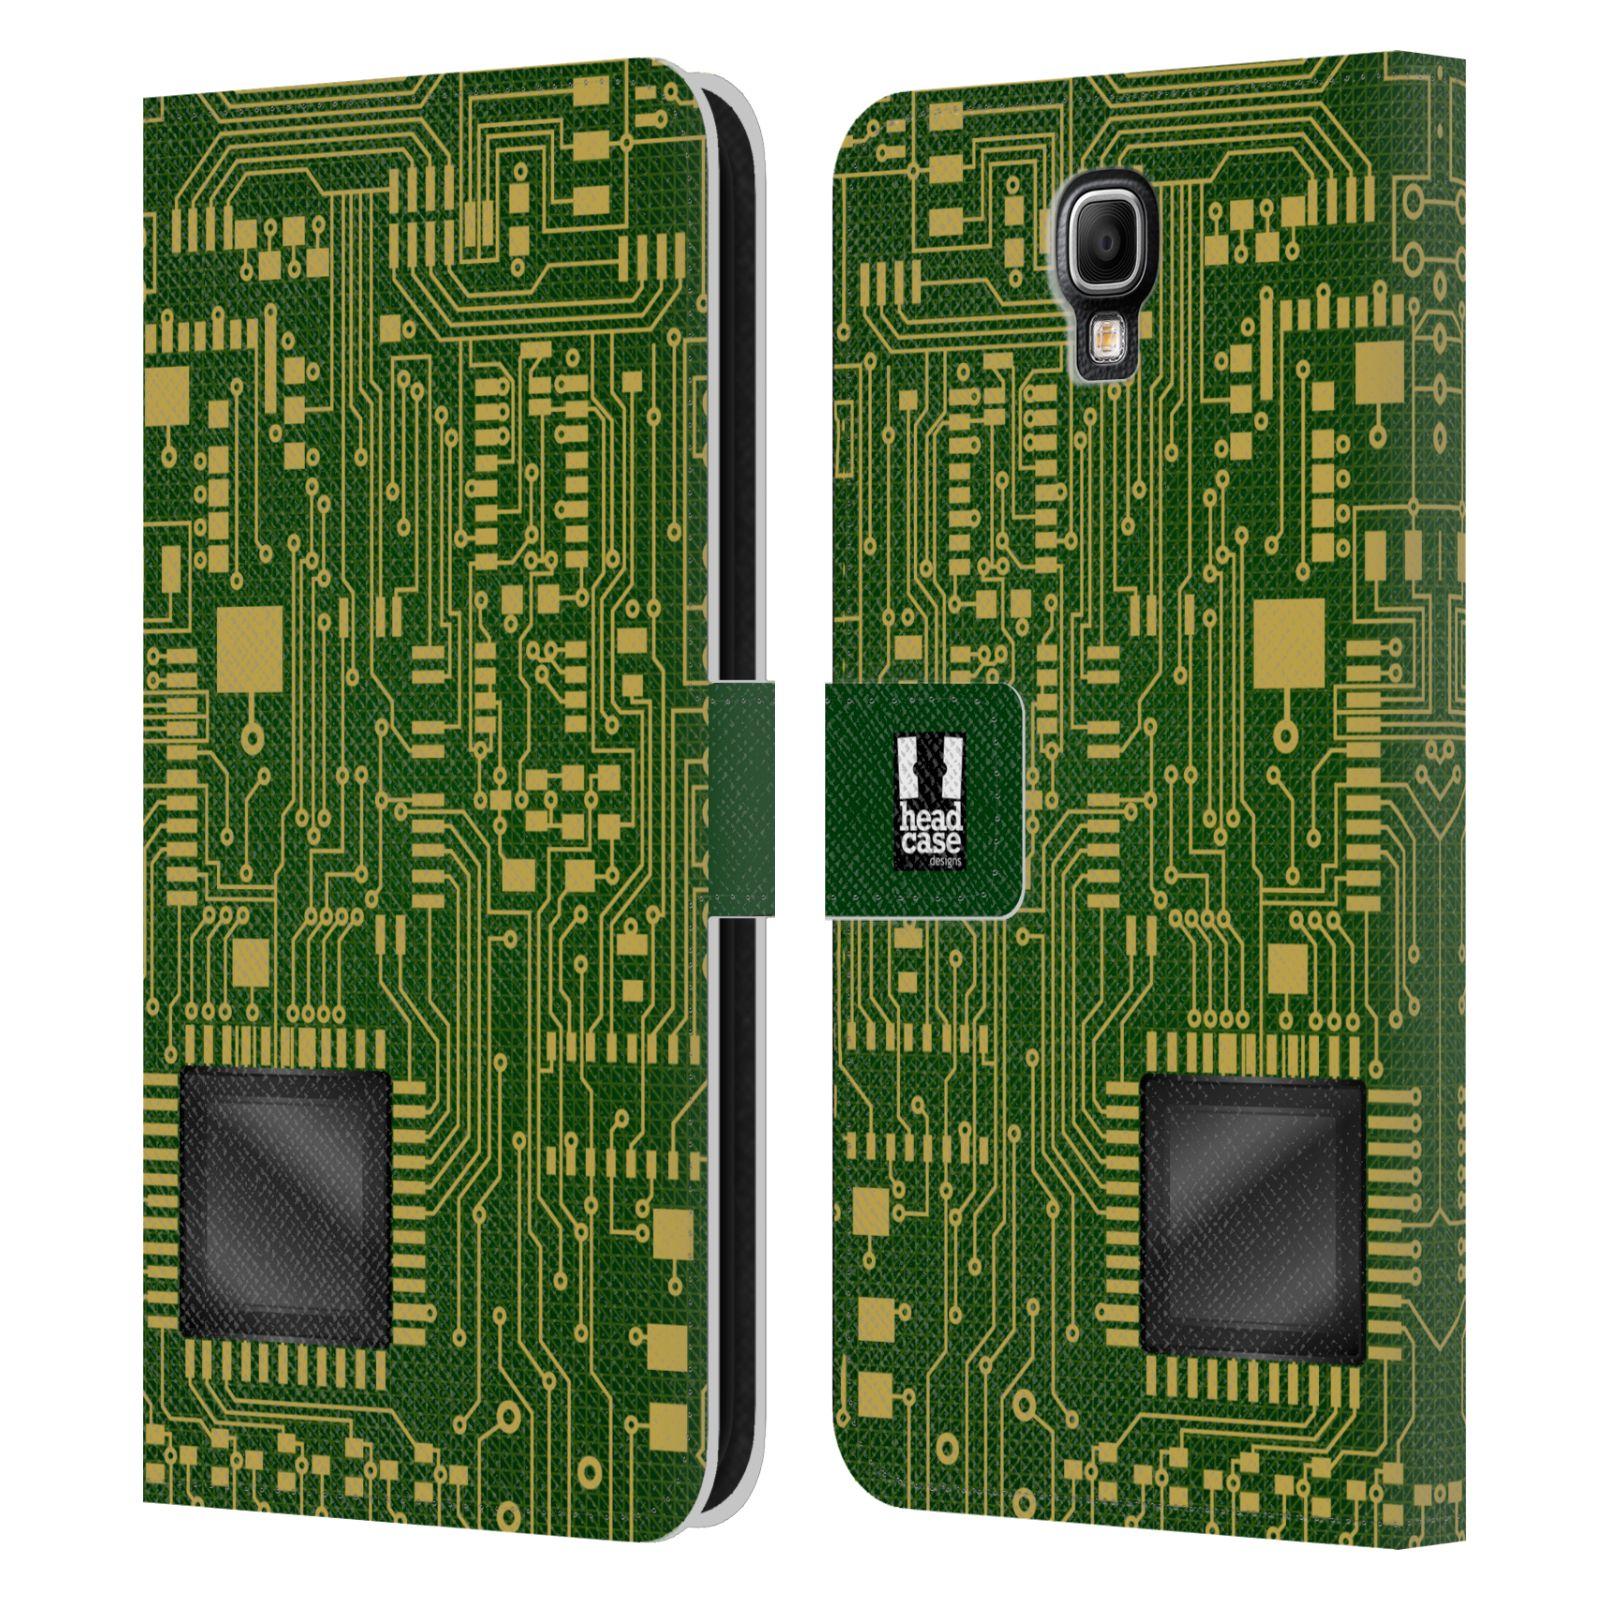 HEAD CASE Flipové pouzdro pro mobil Samsung Galaxy Note 3 NEO (N7505) počítač základní deska zelená barva velký čip